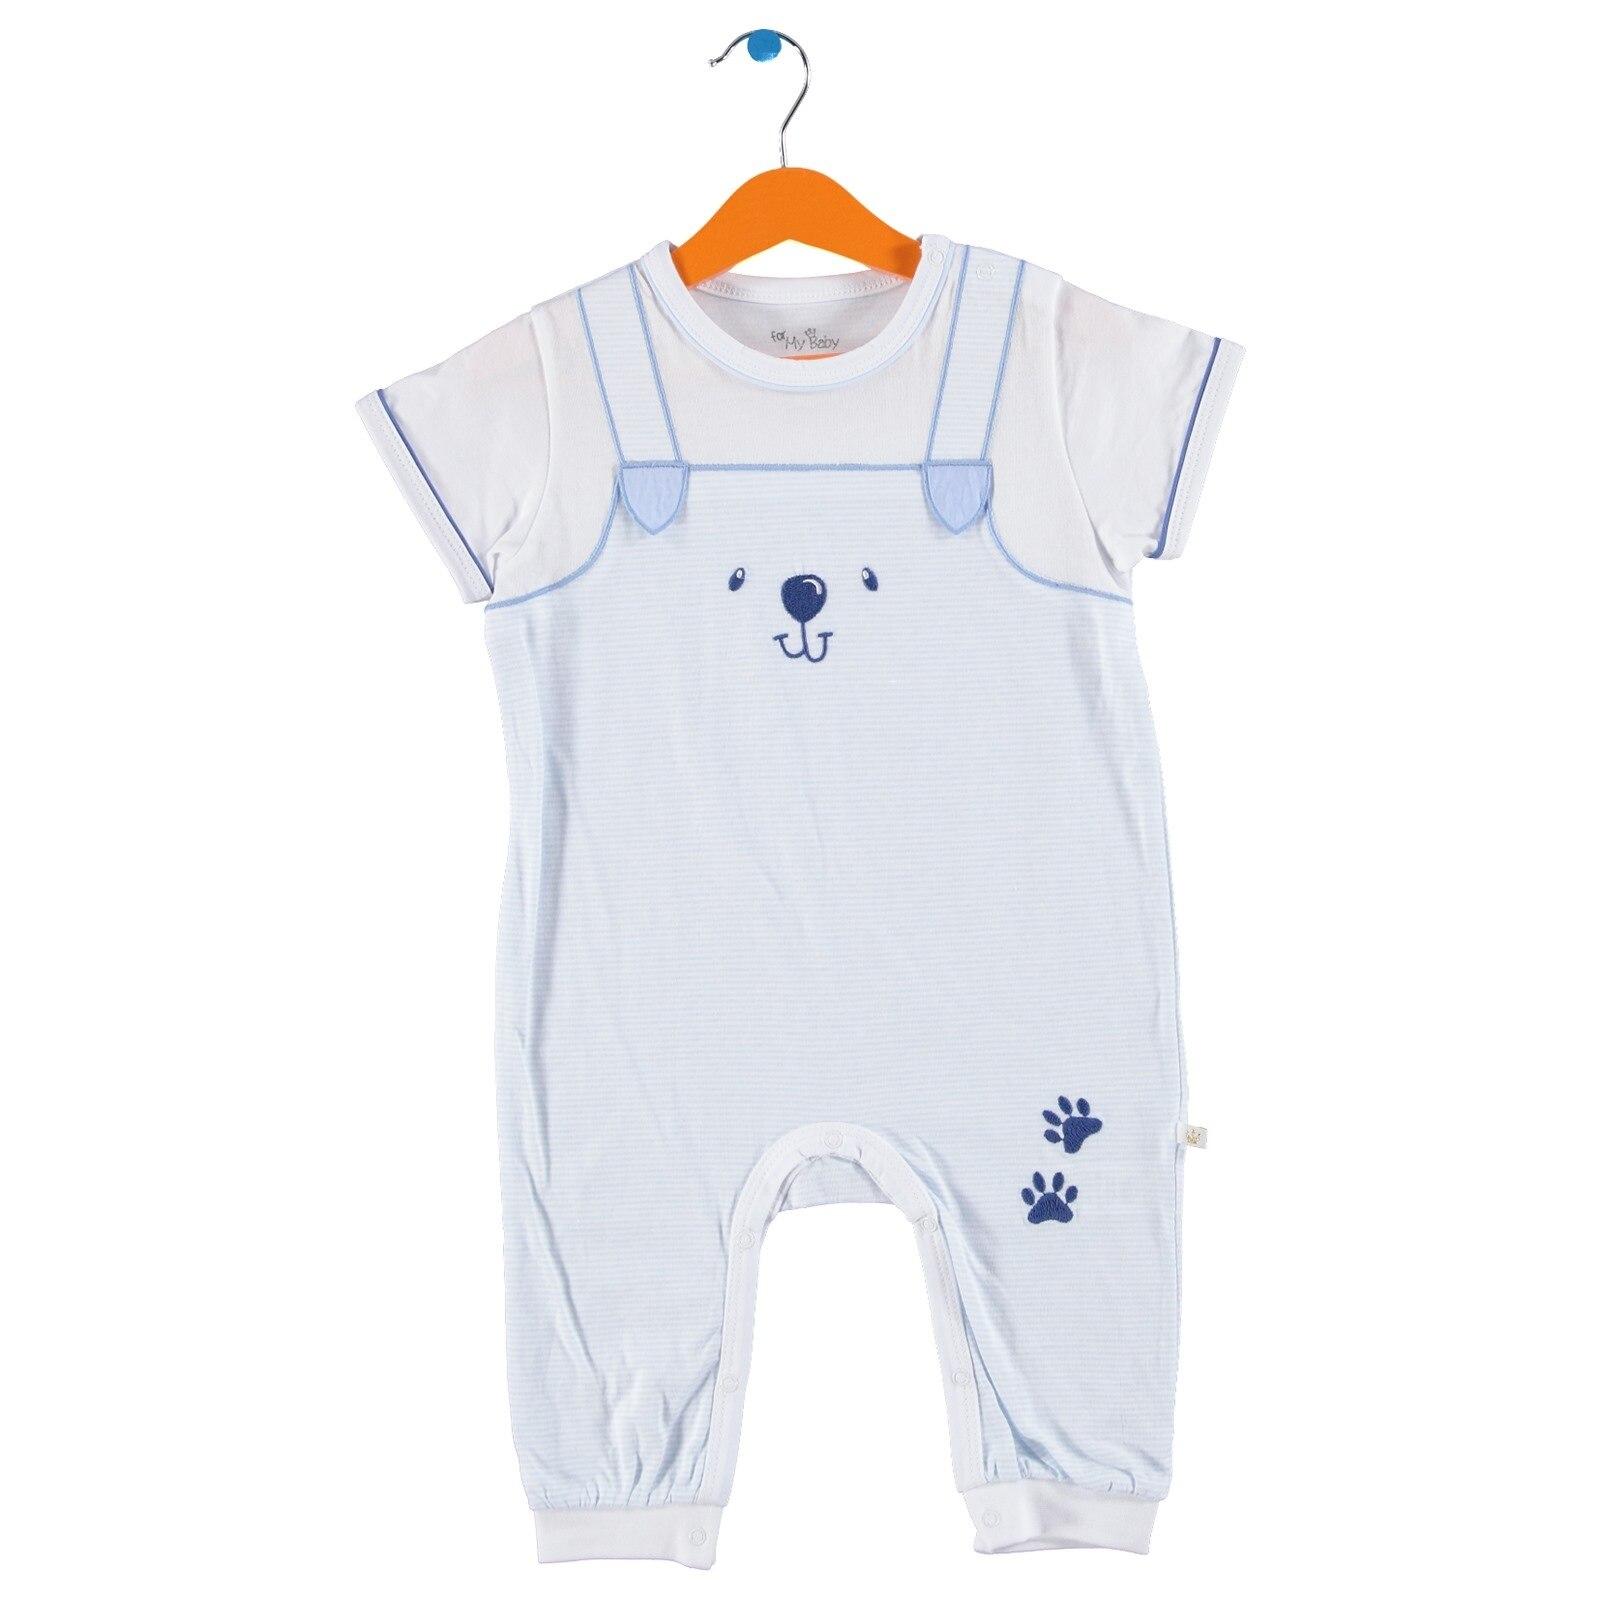 Ebebek For My Baby Boy Tomtom Polo Neck Short Romper